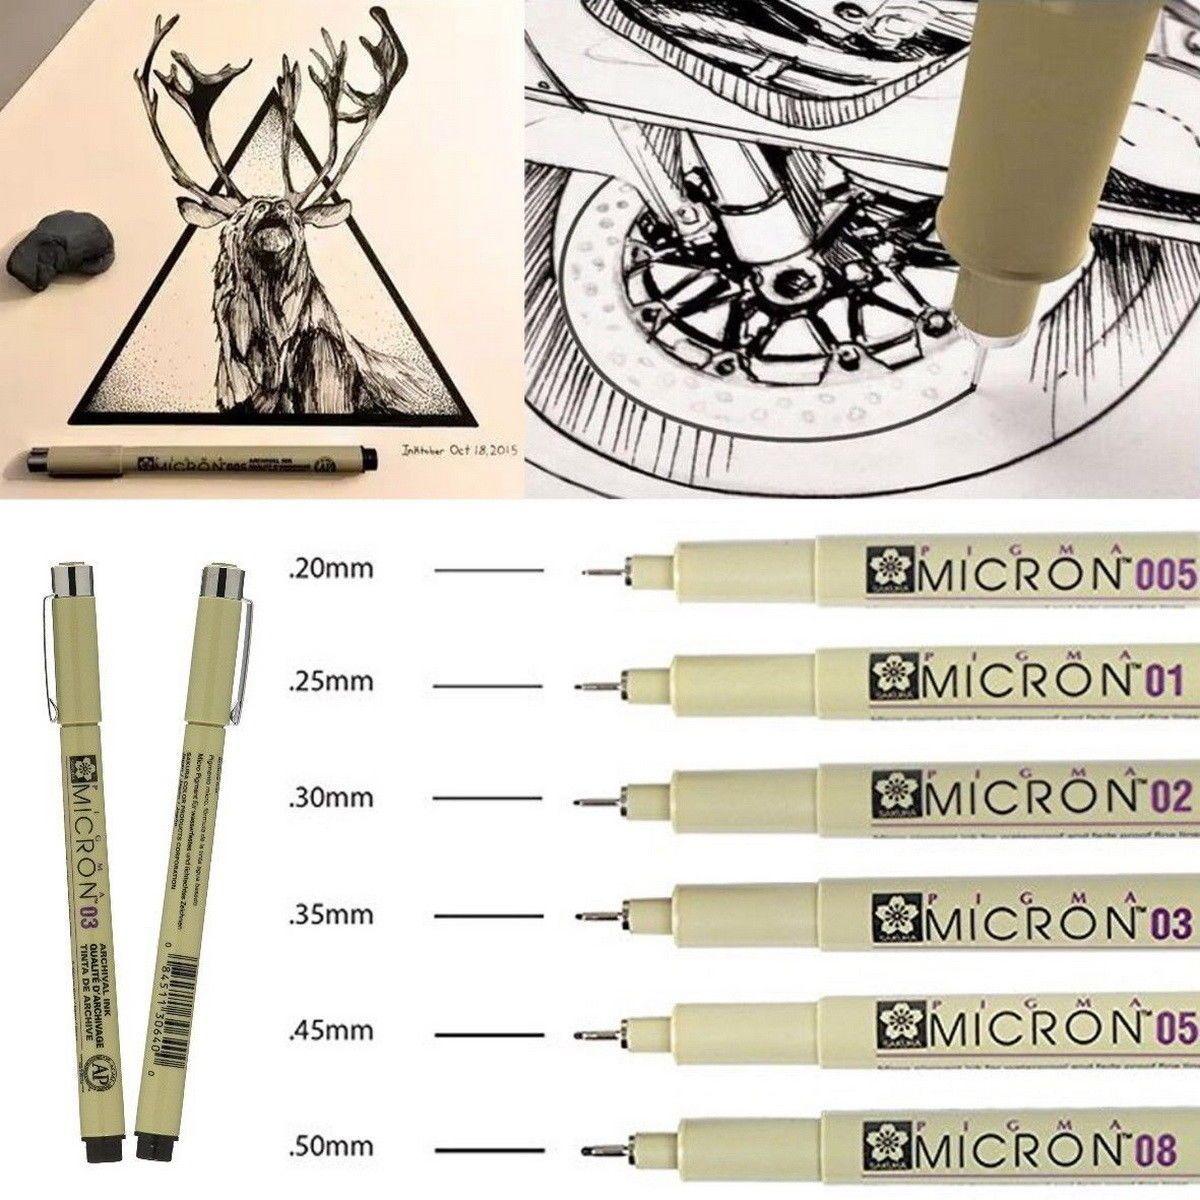 8pcs Micron Fine Liner Drawing Ink Pens /& Brush Art Drawing Write Sketching Set